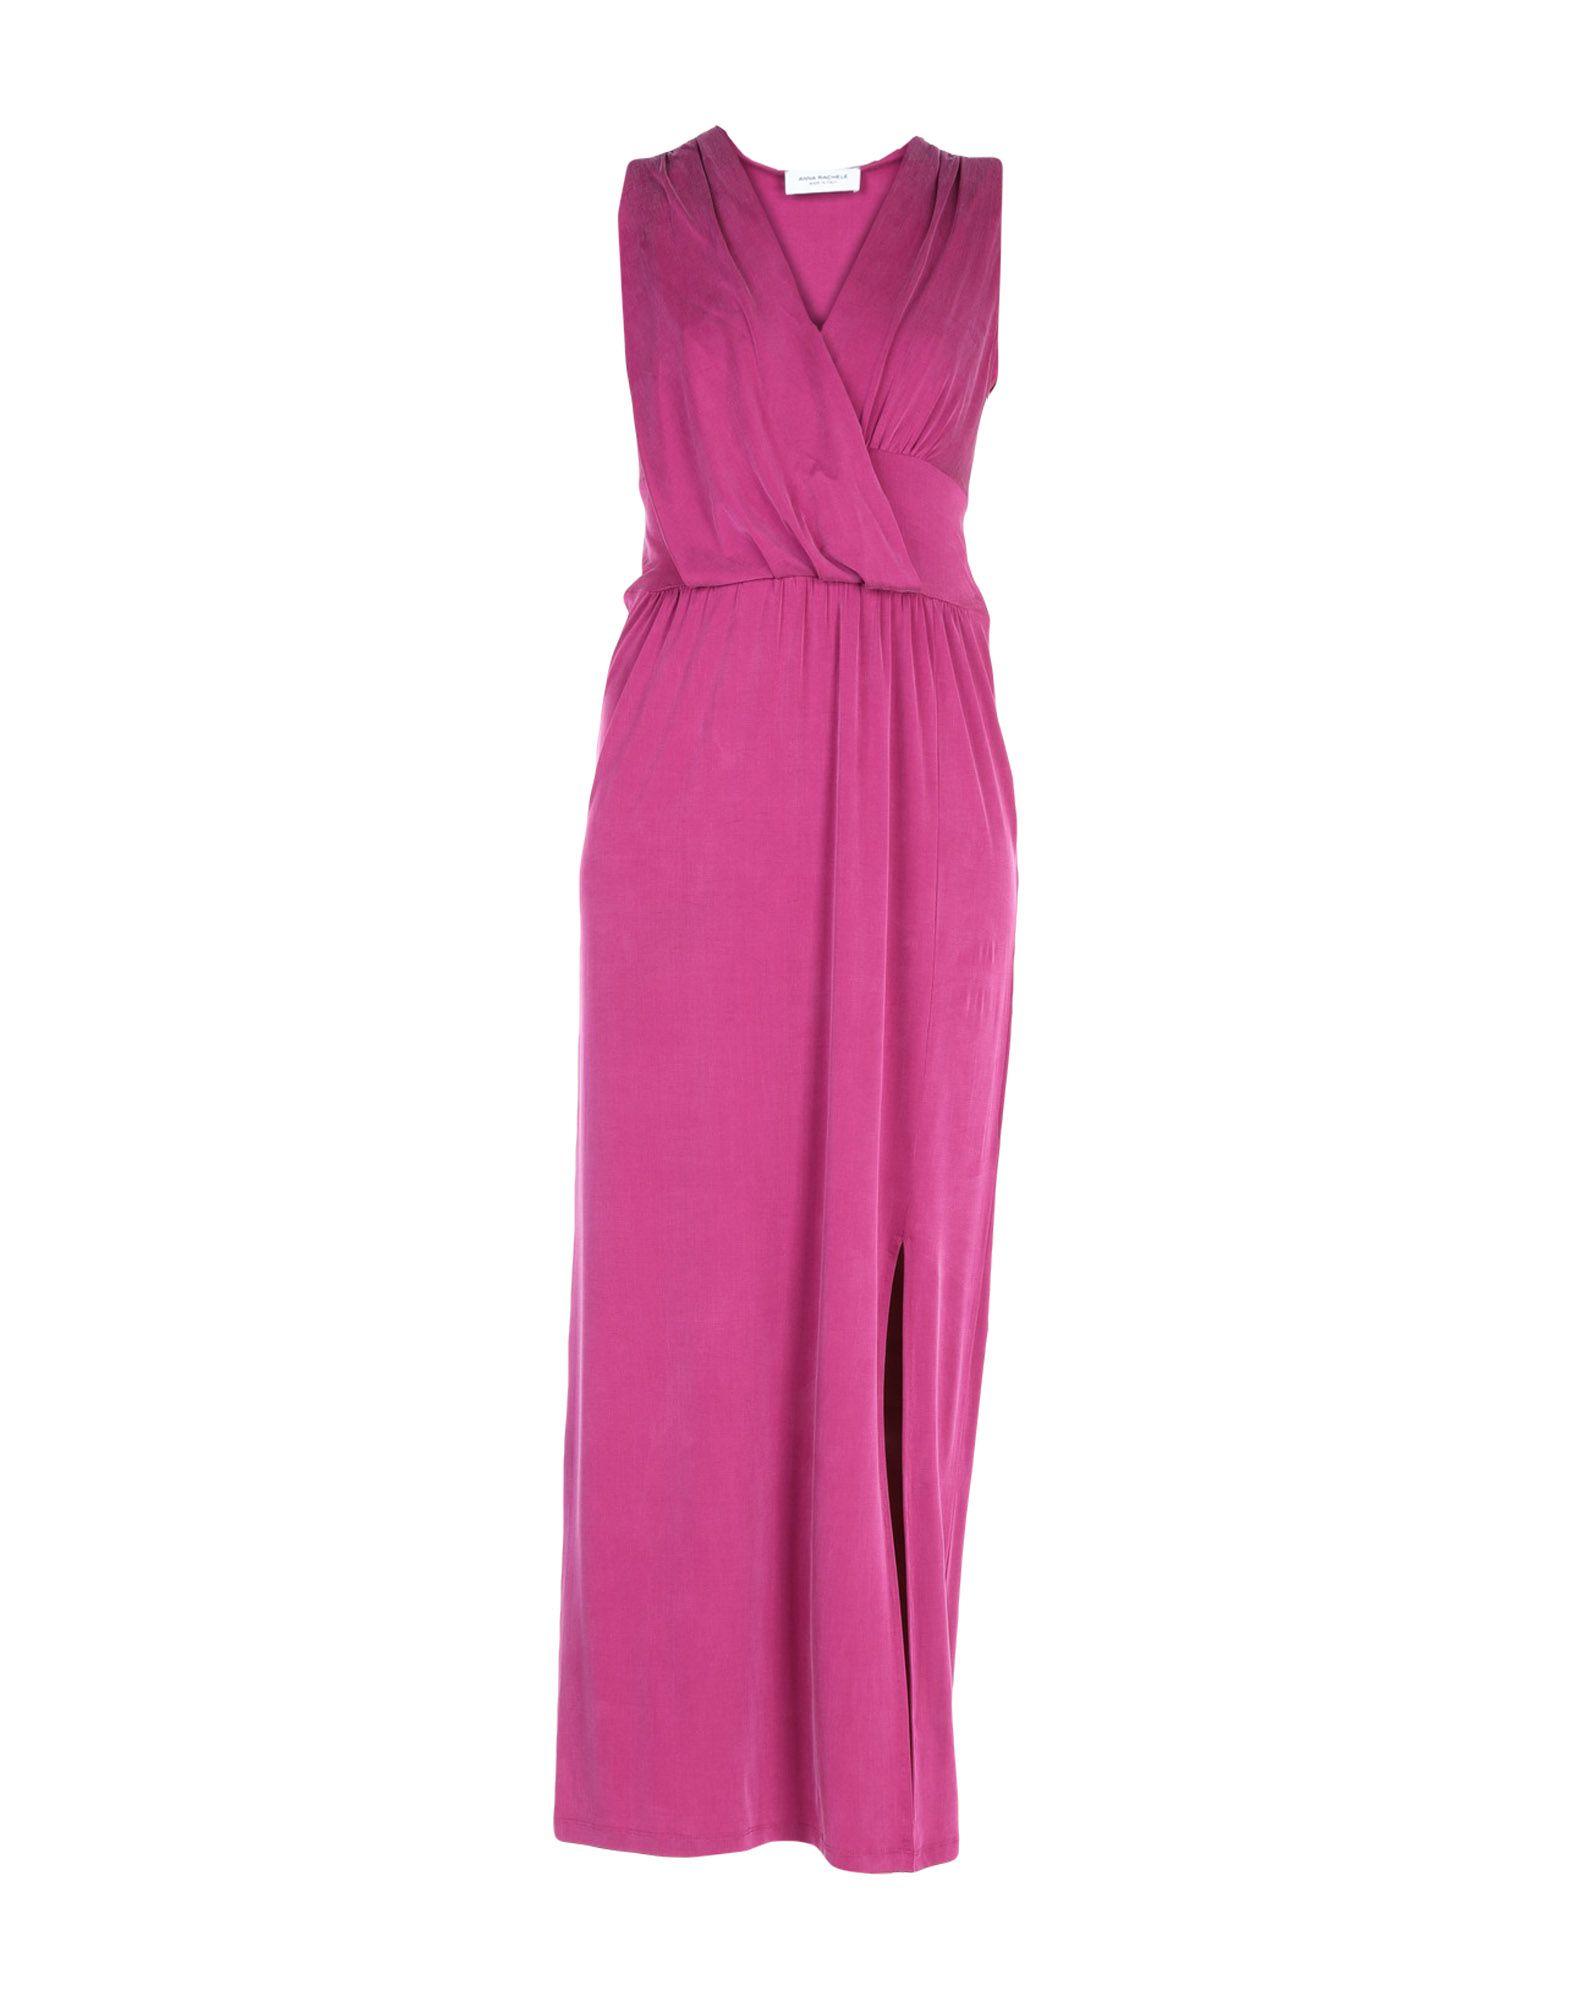 Vestito Lungo Anna Rachele donna - 34896095EX 34896095EX  Großhandelspreis und zuverlässige Qualität